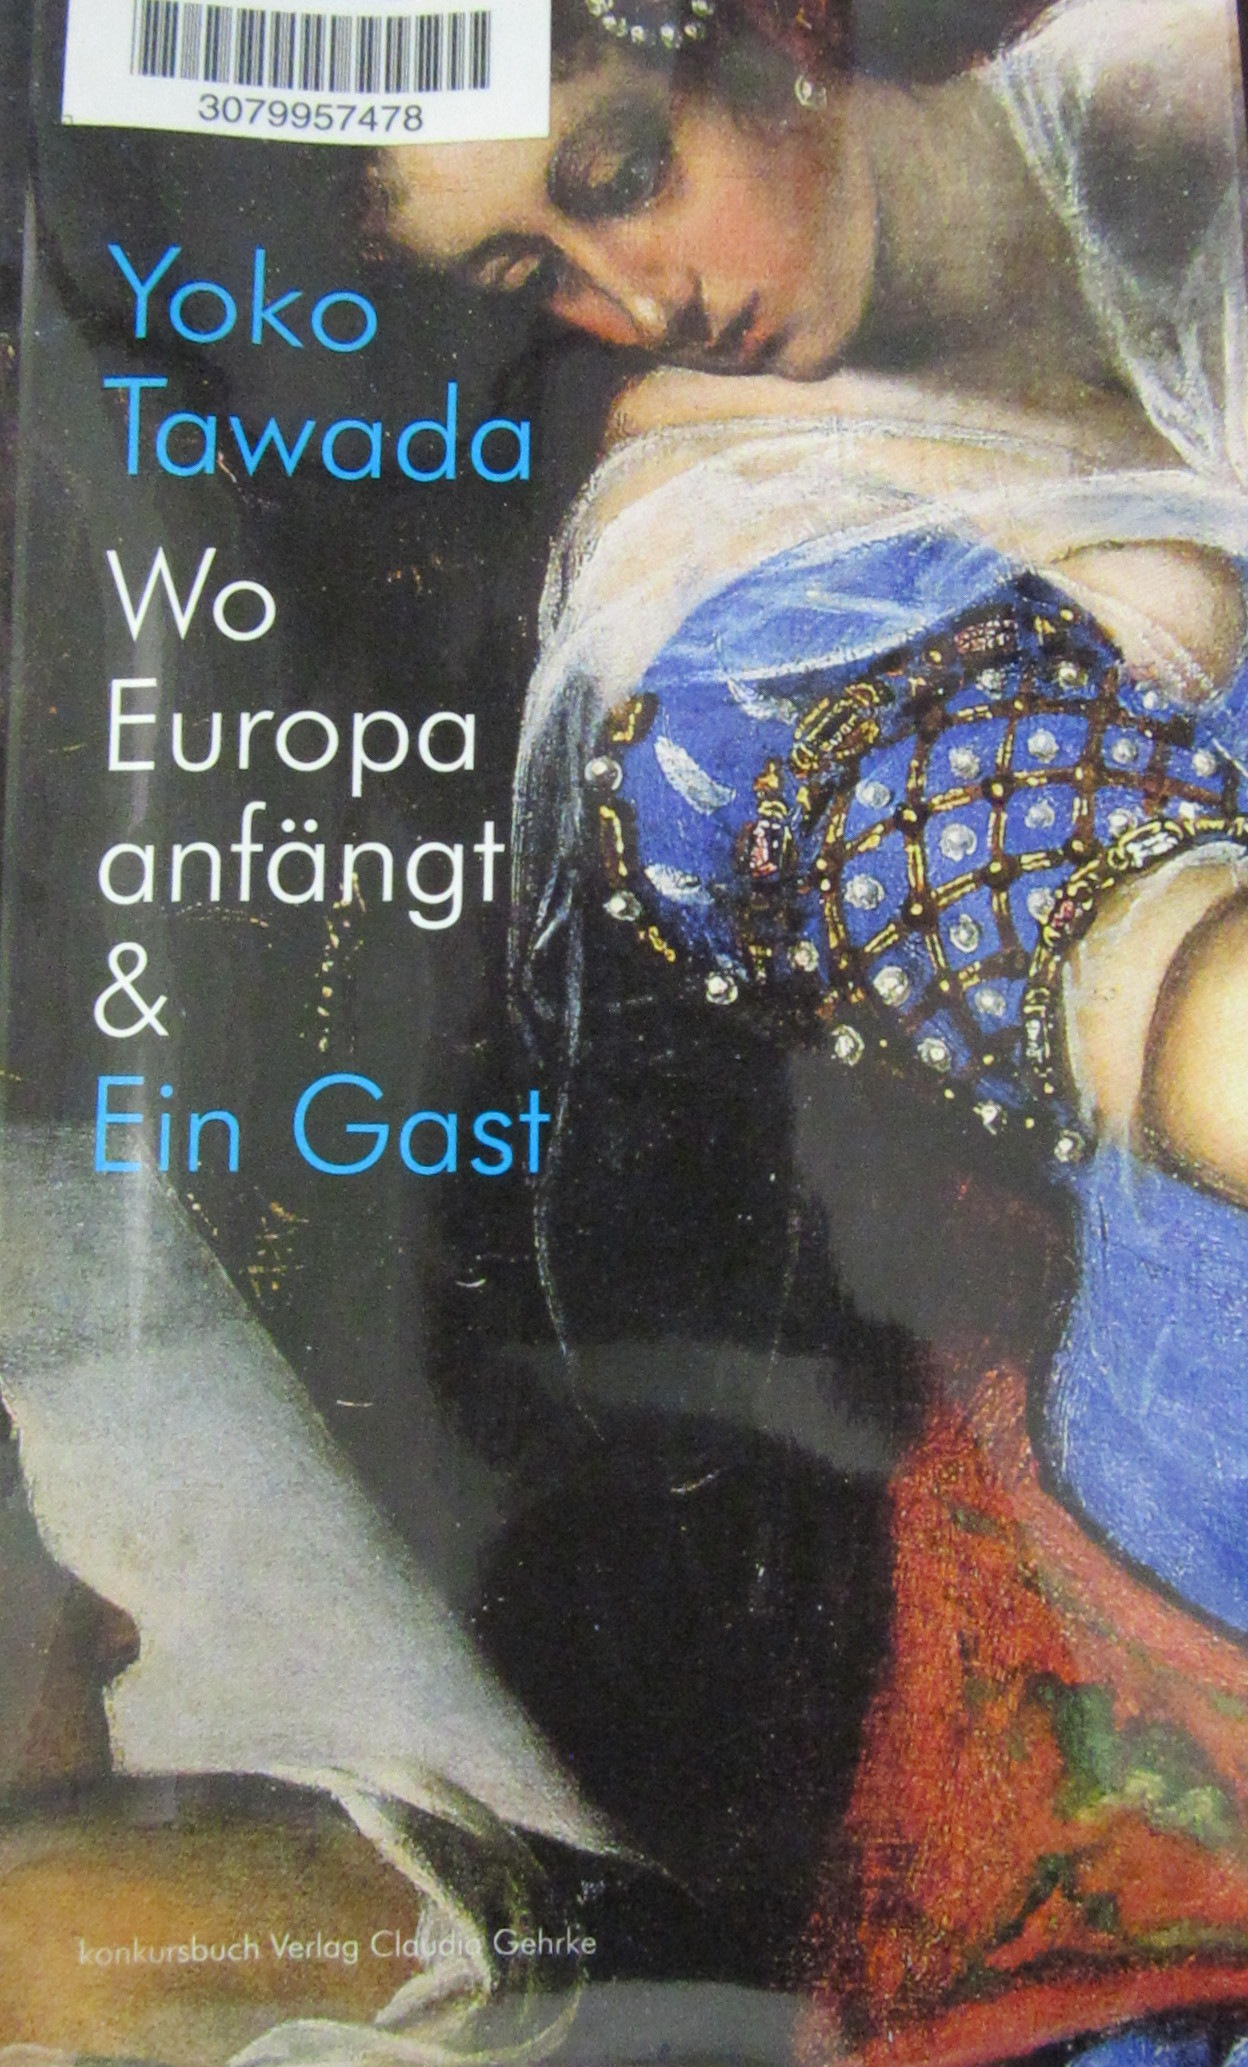 Tawada, Yōko. Wo Europa anfängt : Ein Gast : Erzählungen und Gedichte. Tübingen, 2014.